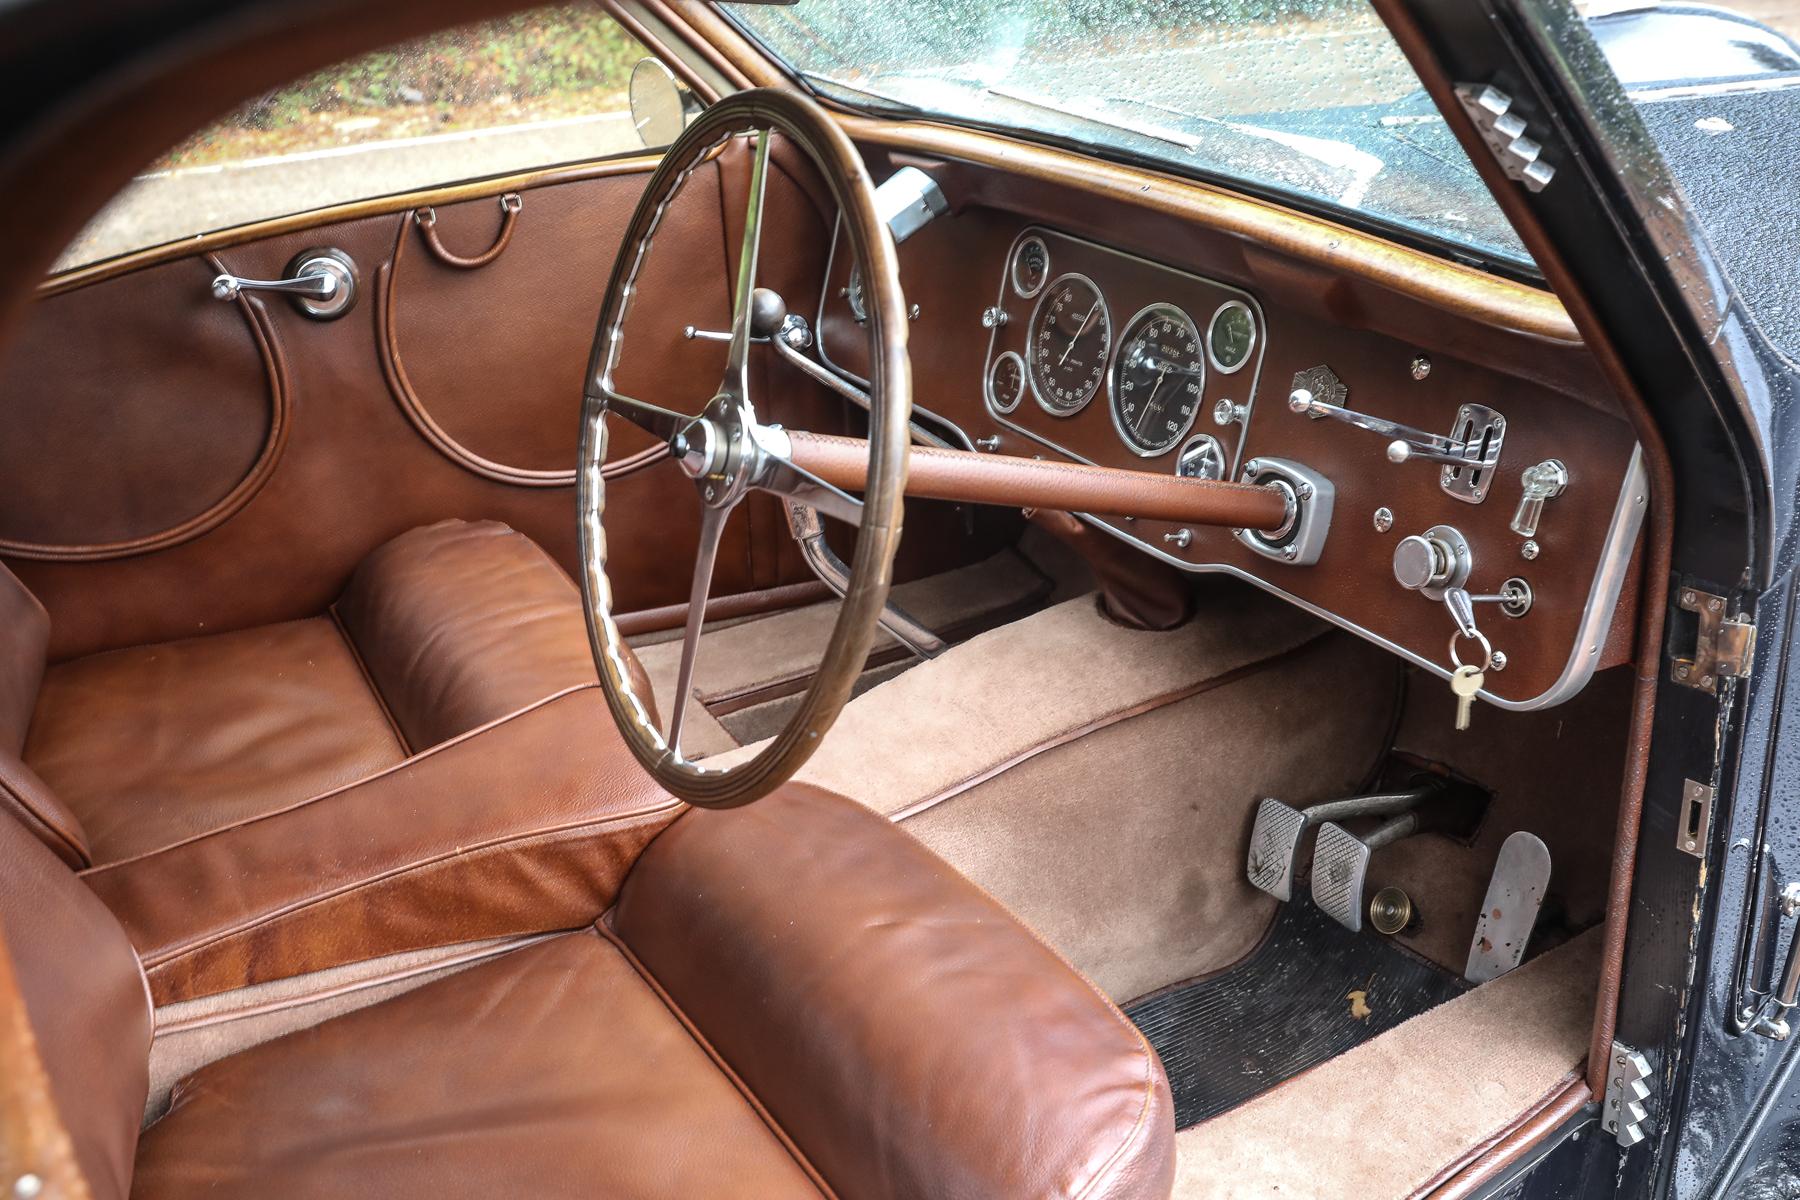 1937 Bugatti Type 57S Atalante interior cockpit